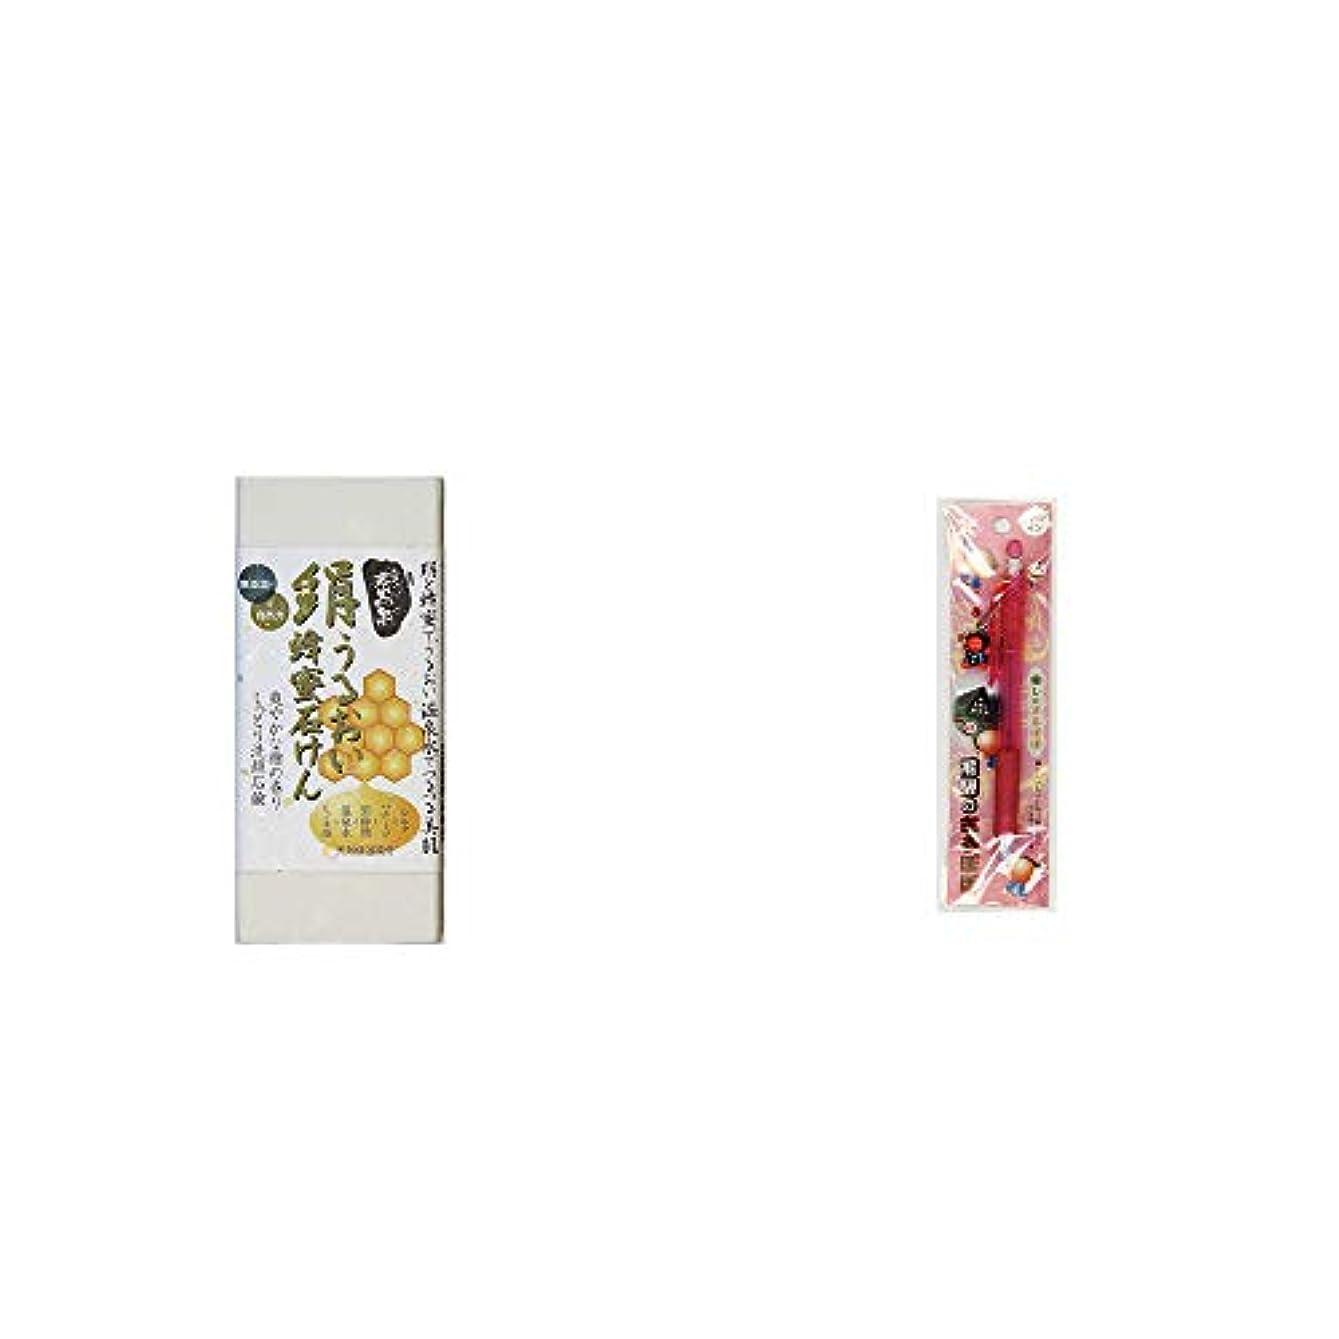 ベリーコンパクト軽く[2点セット] ひのき炭黒泉 絹うるおい蜂蜜石けん(75g×2)?さるぼぼ 癒しシャープペン 【ピンク】